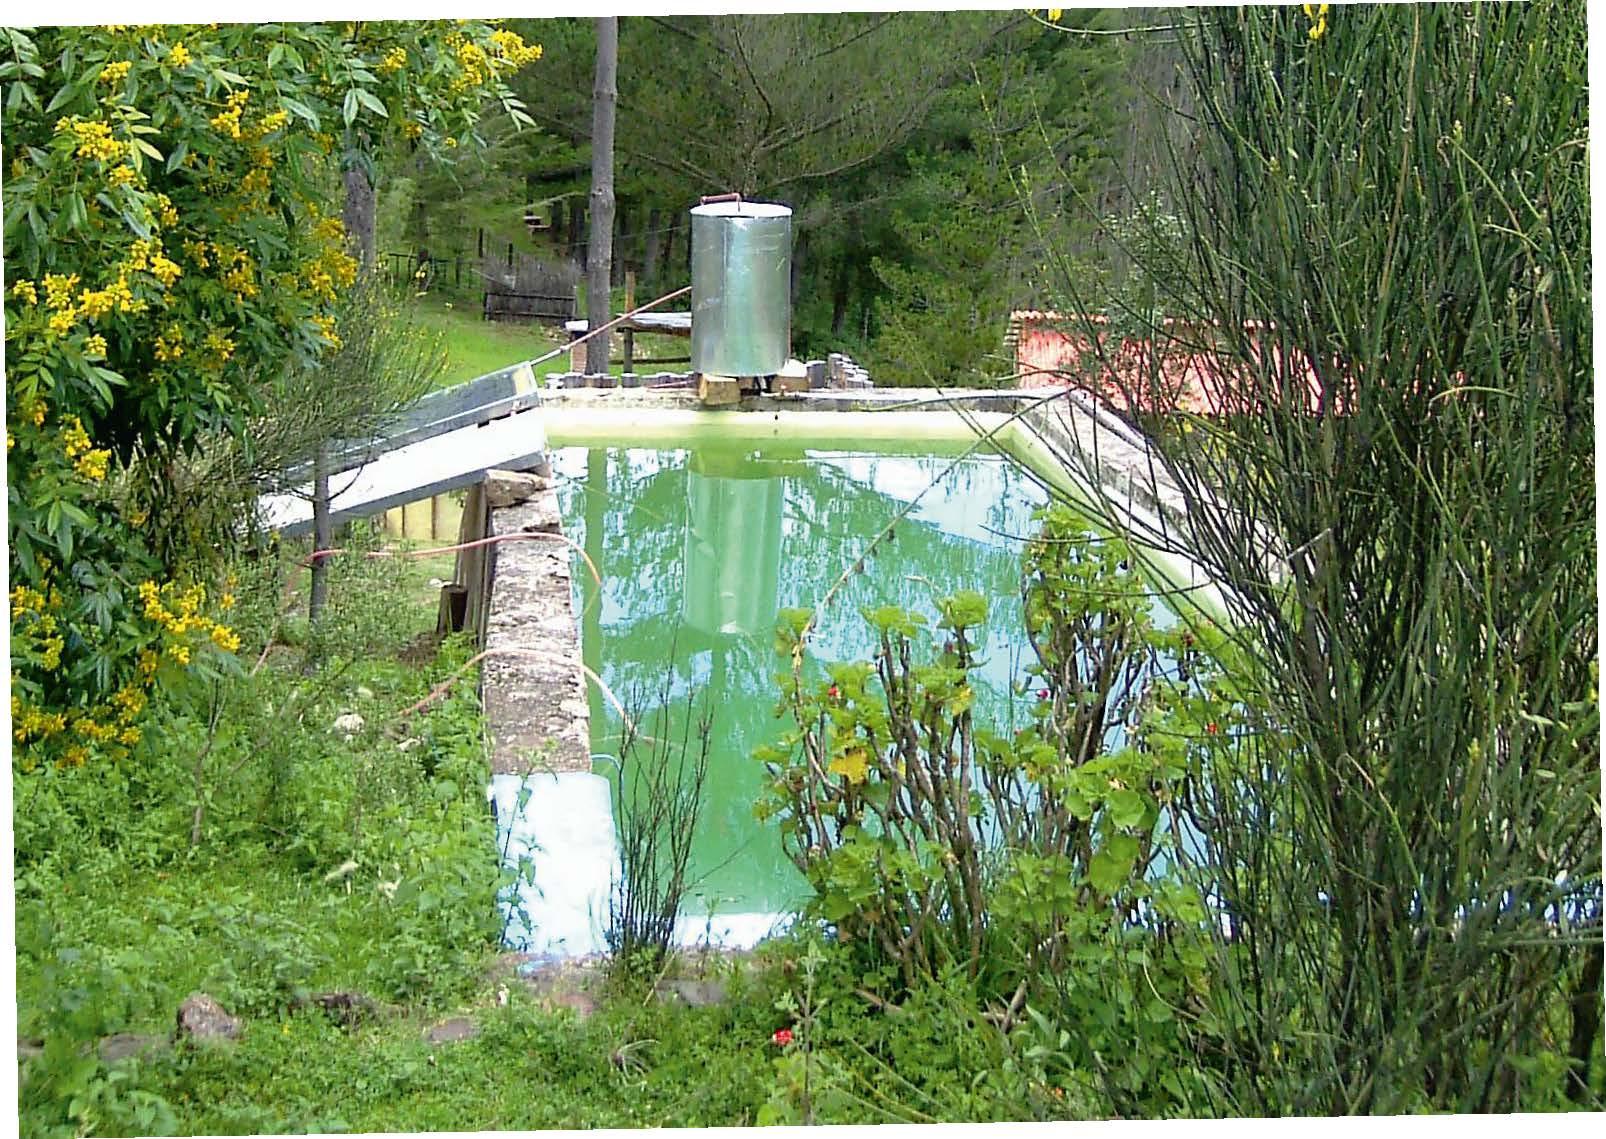 Die Zisterne, die im Sommer gern zum Schwimmen genutzt wird, bleibt durch EM-Keramik klar.